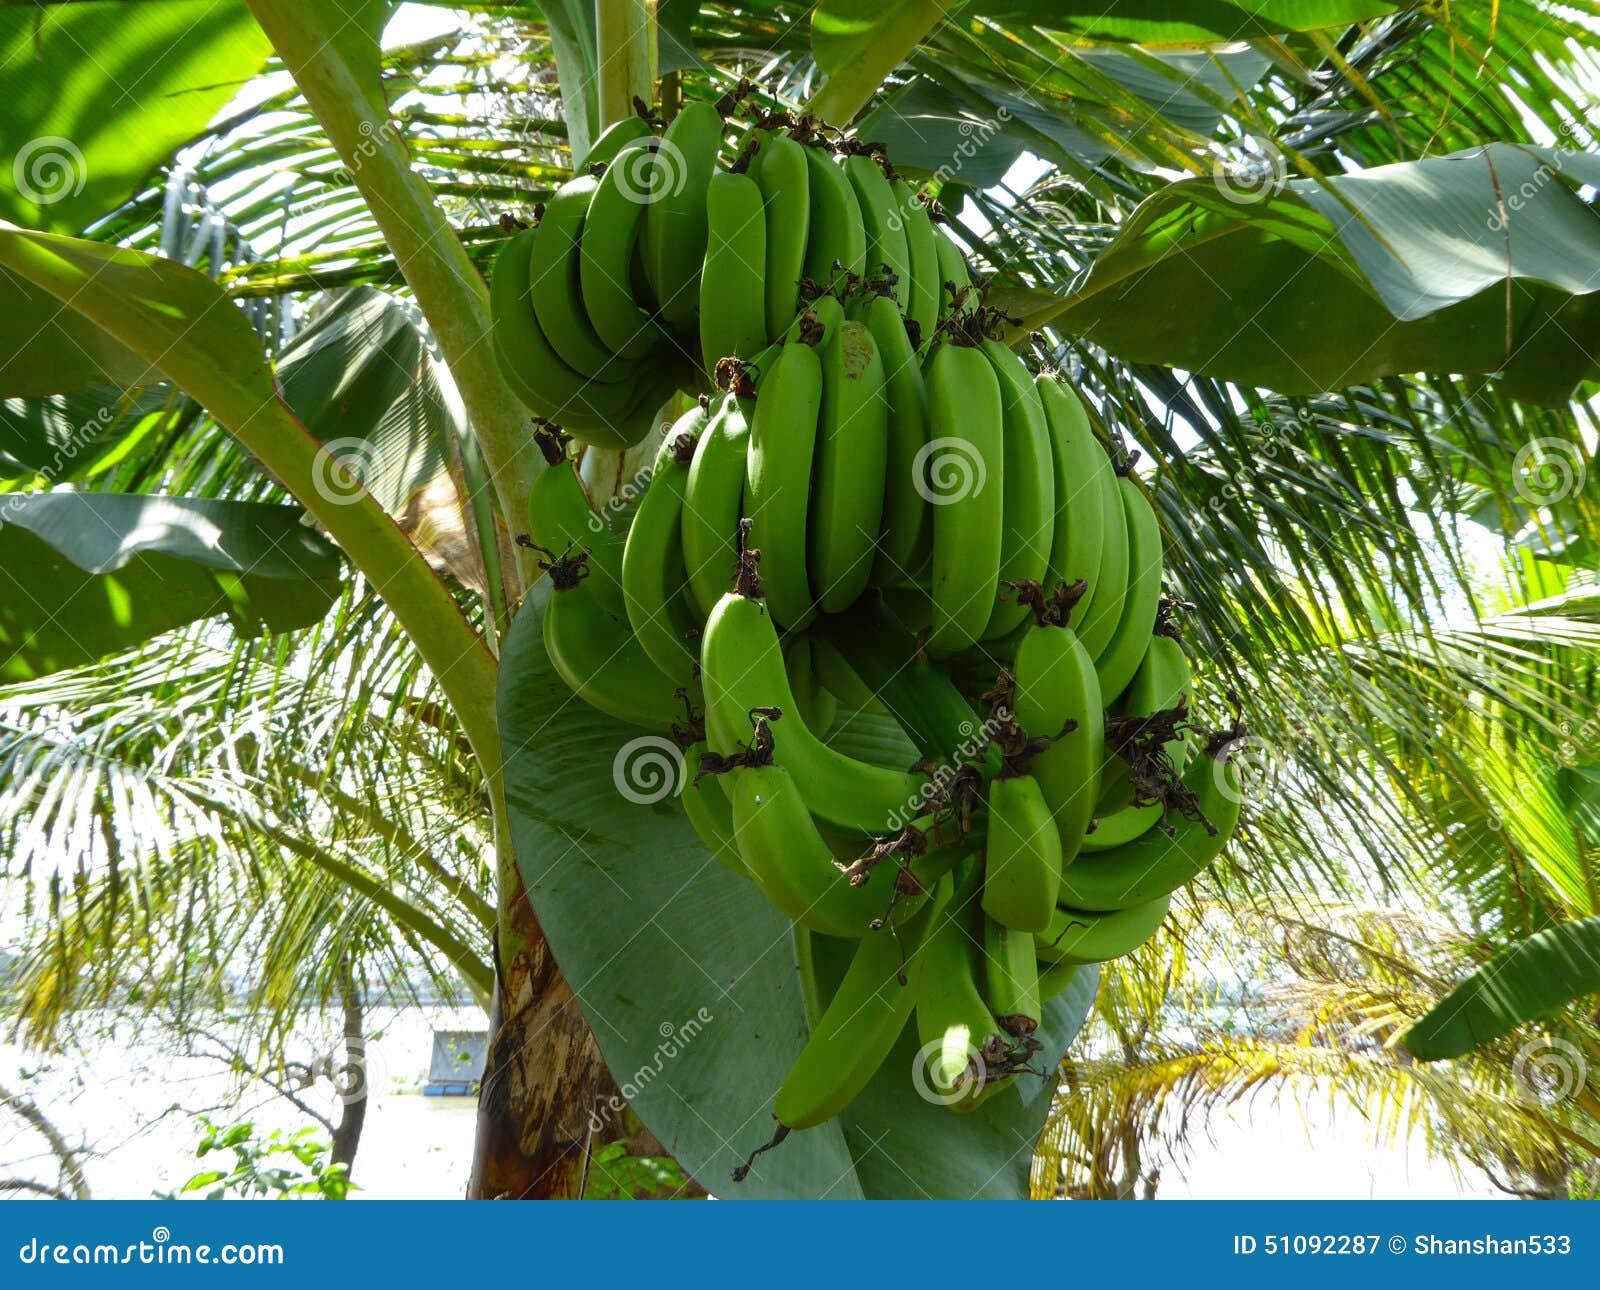 Bossen van groene bananen op een banaanboom